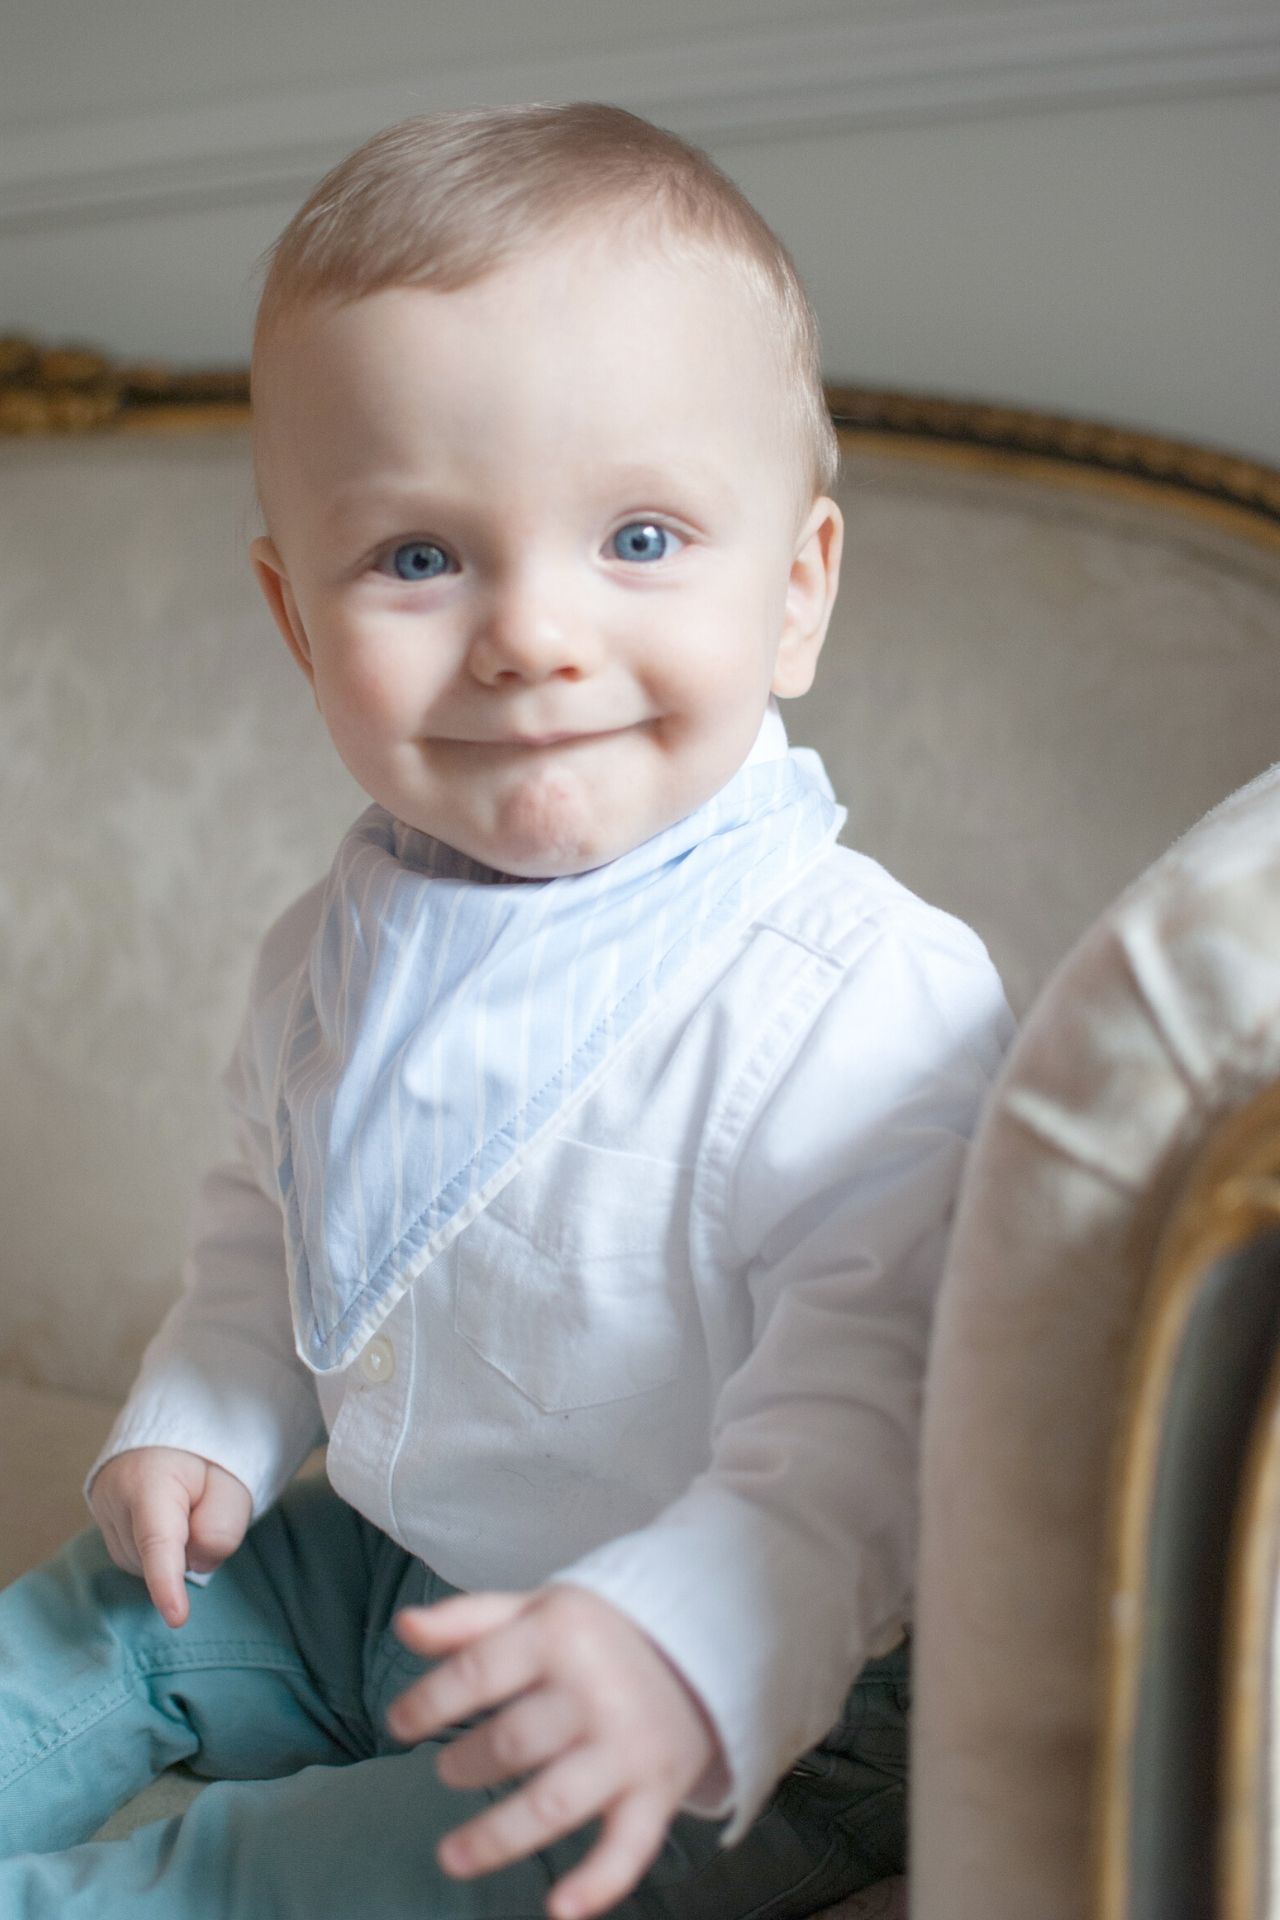 <p>Babero con forma de bandana, con forma triangular y botones por detrás.</p>  <p>Hecho de tela nanzú de 100% algodón pima y tela absorbente de algodón por debajo.</p>  <p>16 cms de largo.</p>  <p>El color del babero es celeste con rayas blancas.</p>